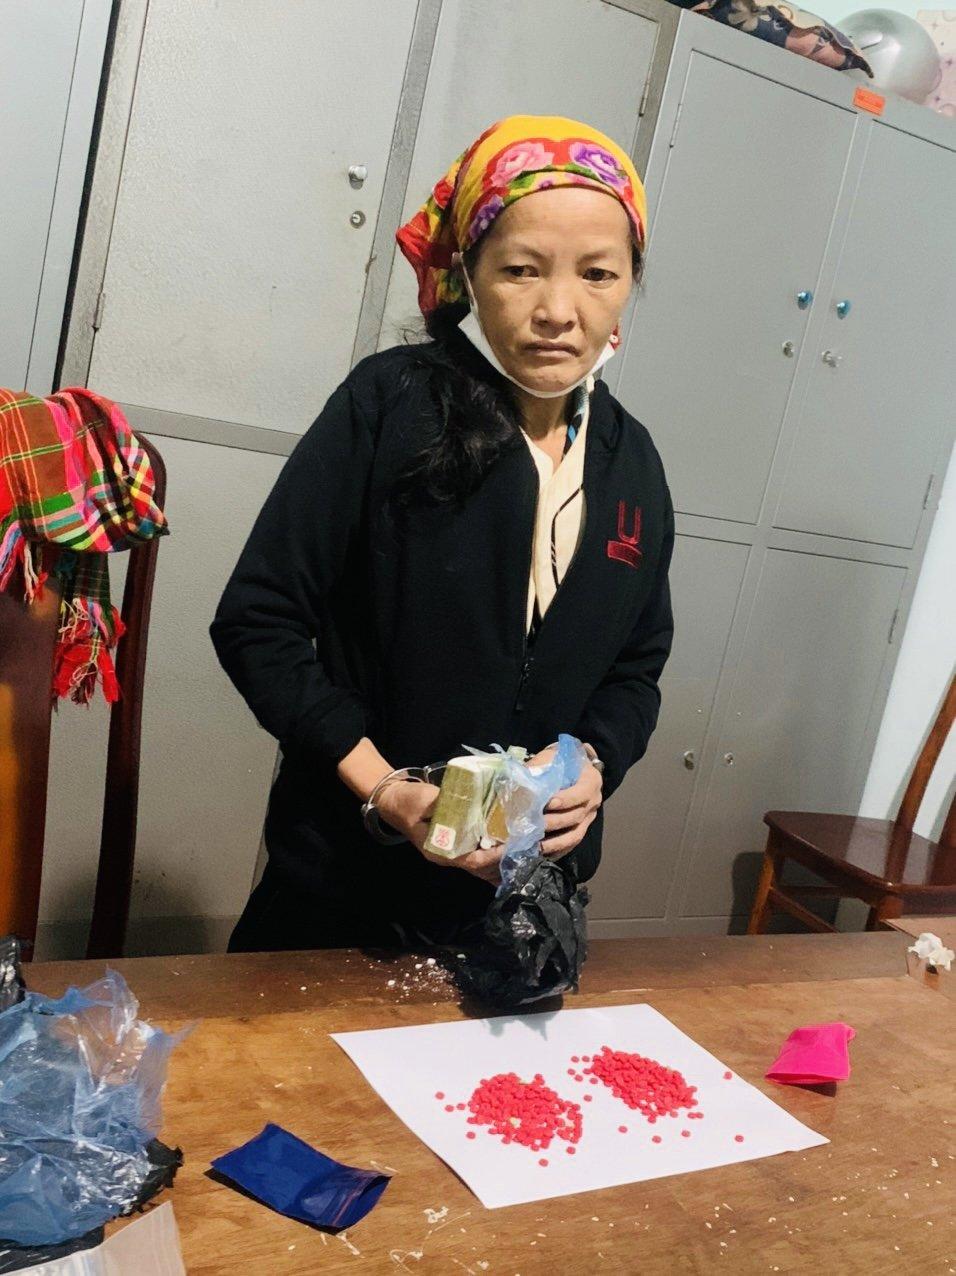 Công an huyện Ea Súp (Đắk Lắk): Chặt đứt nhiều đường dây, mua bán ma túy trên địa bàn - Ảnh 1.